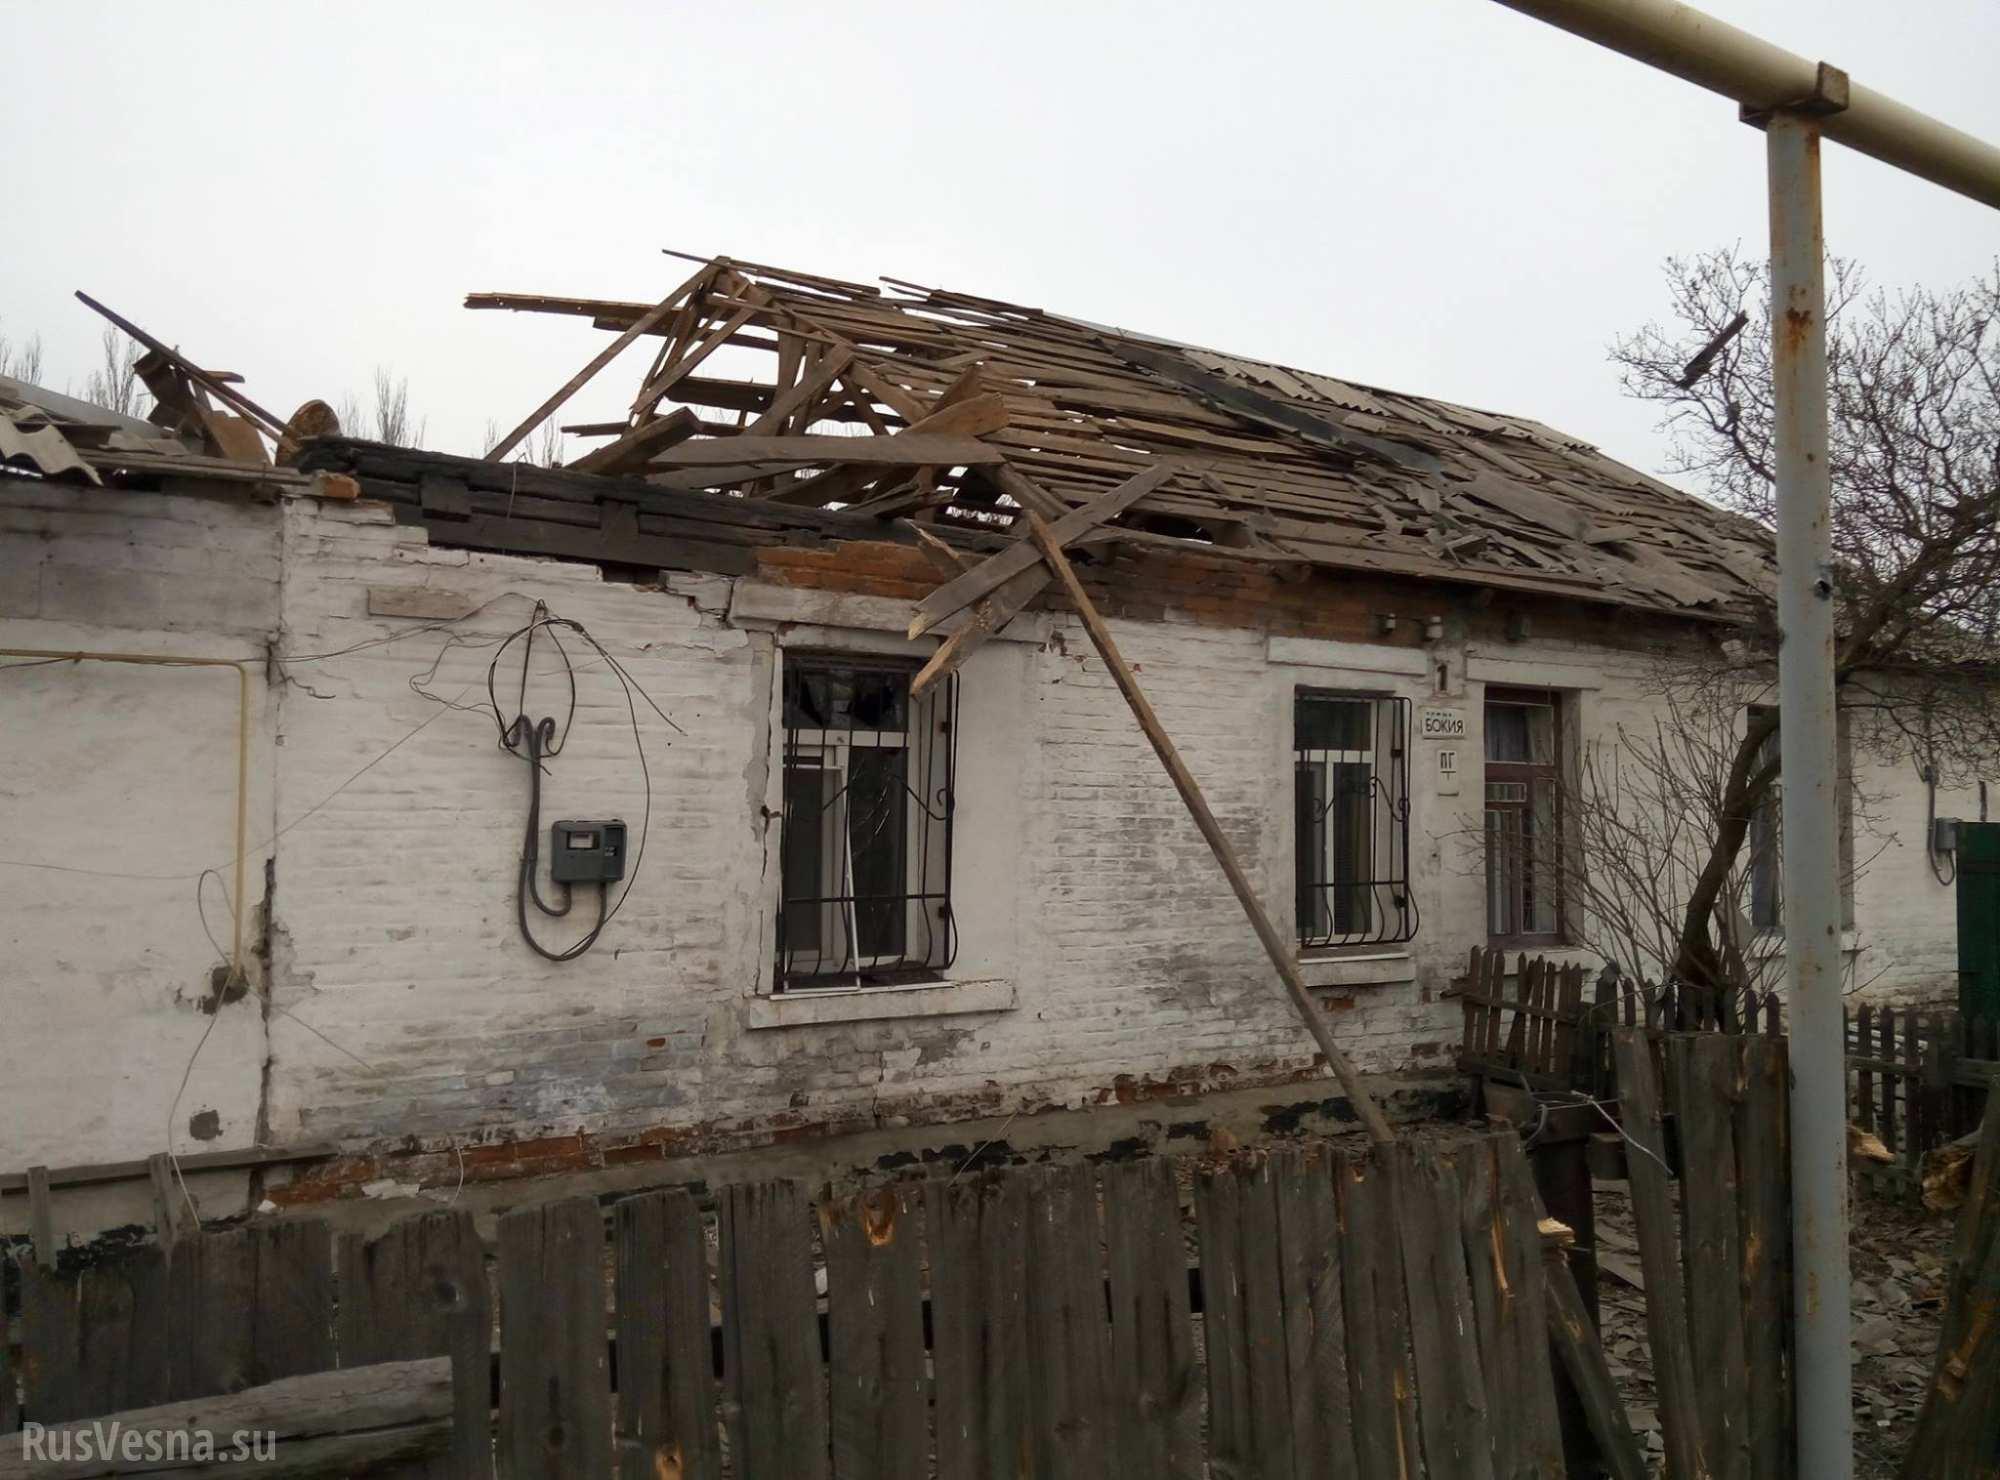 В результате обстрела на окраине Донецка повреждены 6 домов